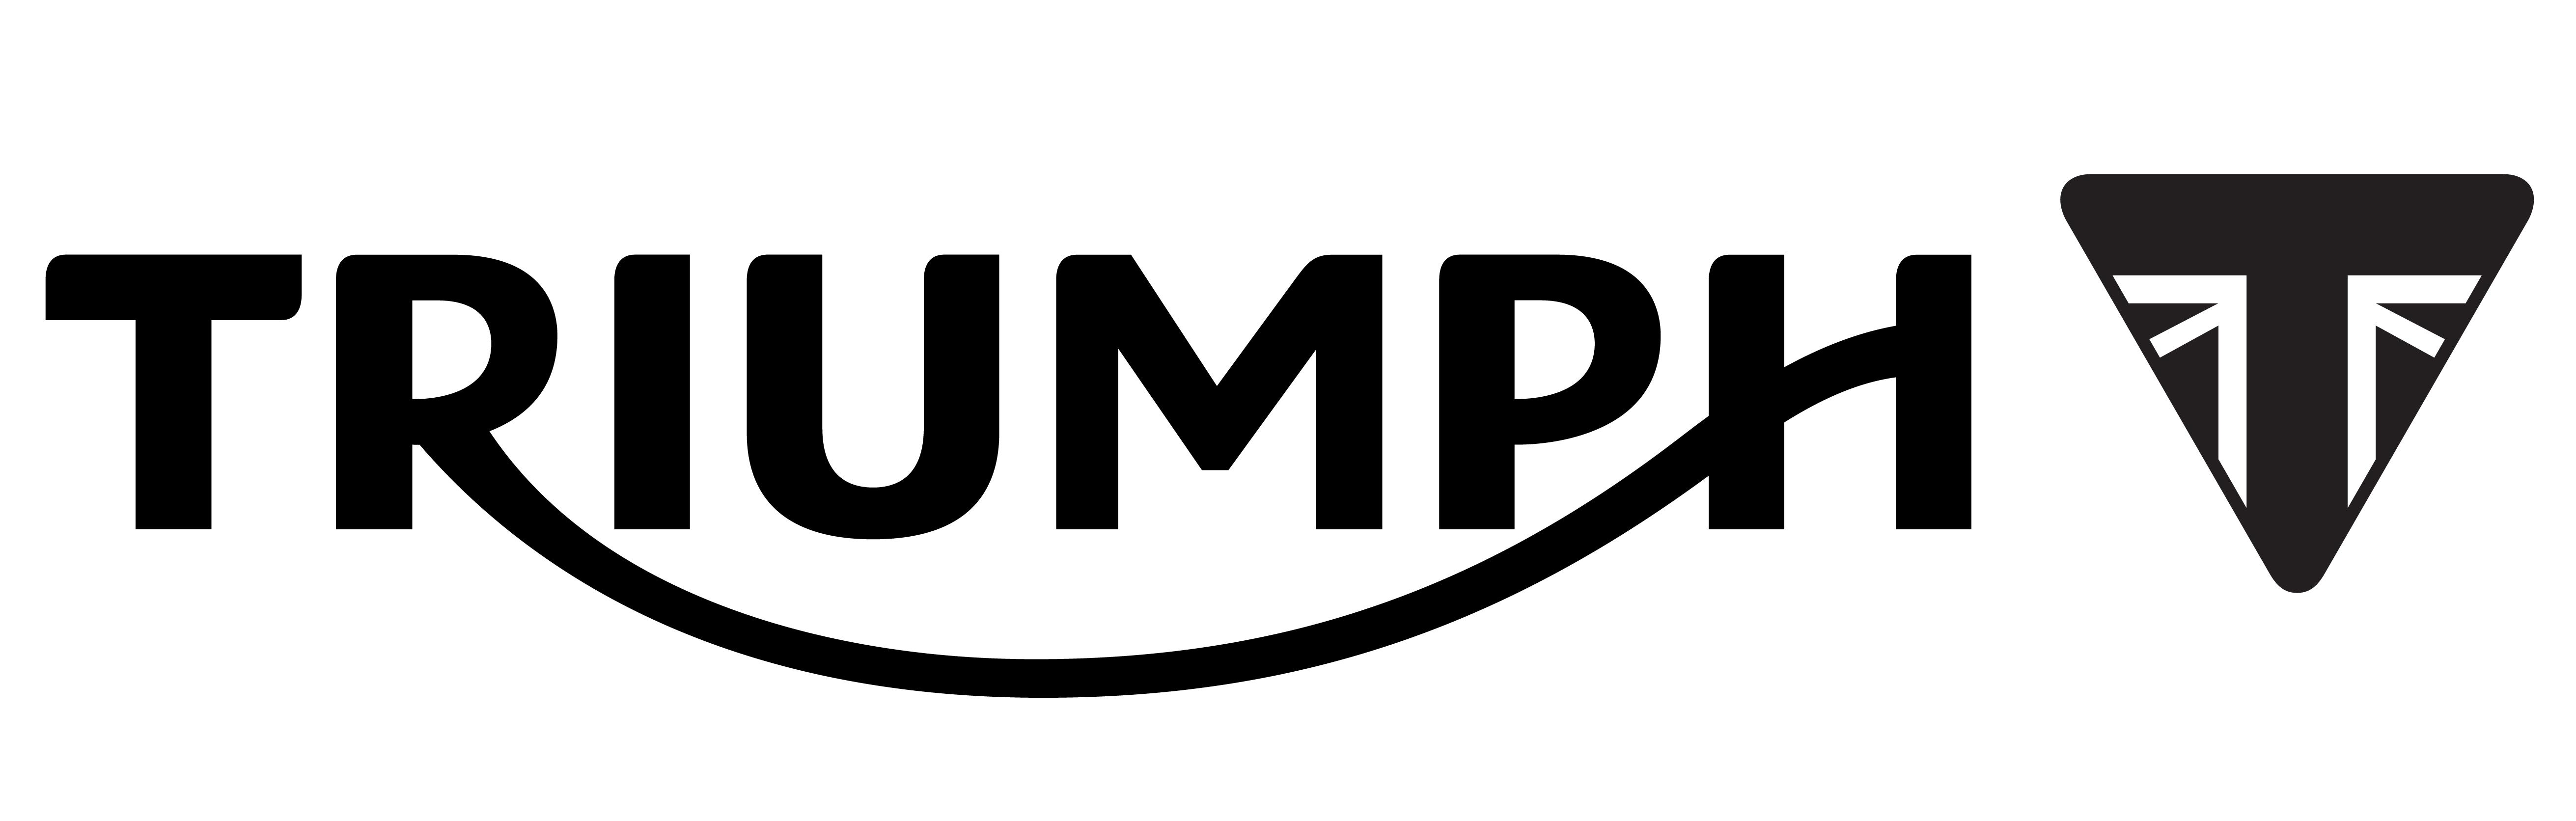 Triumph Official Dealerships